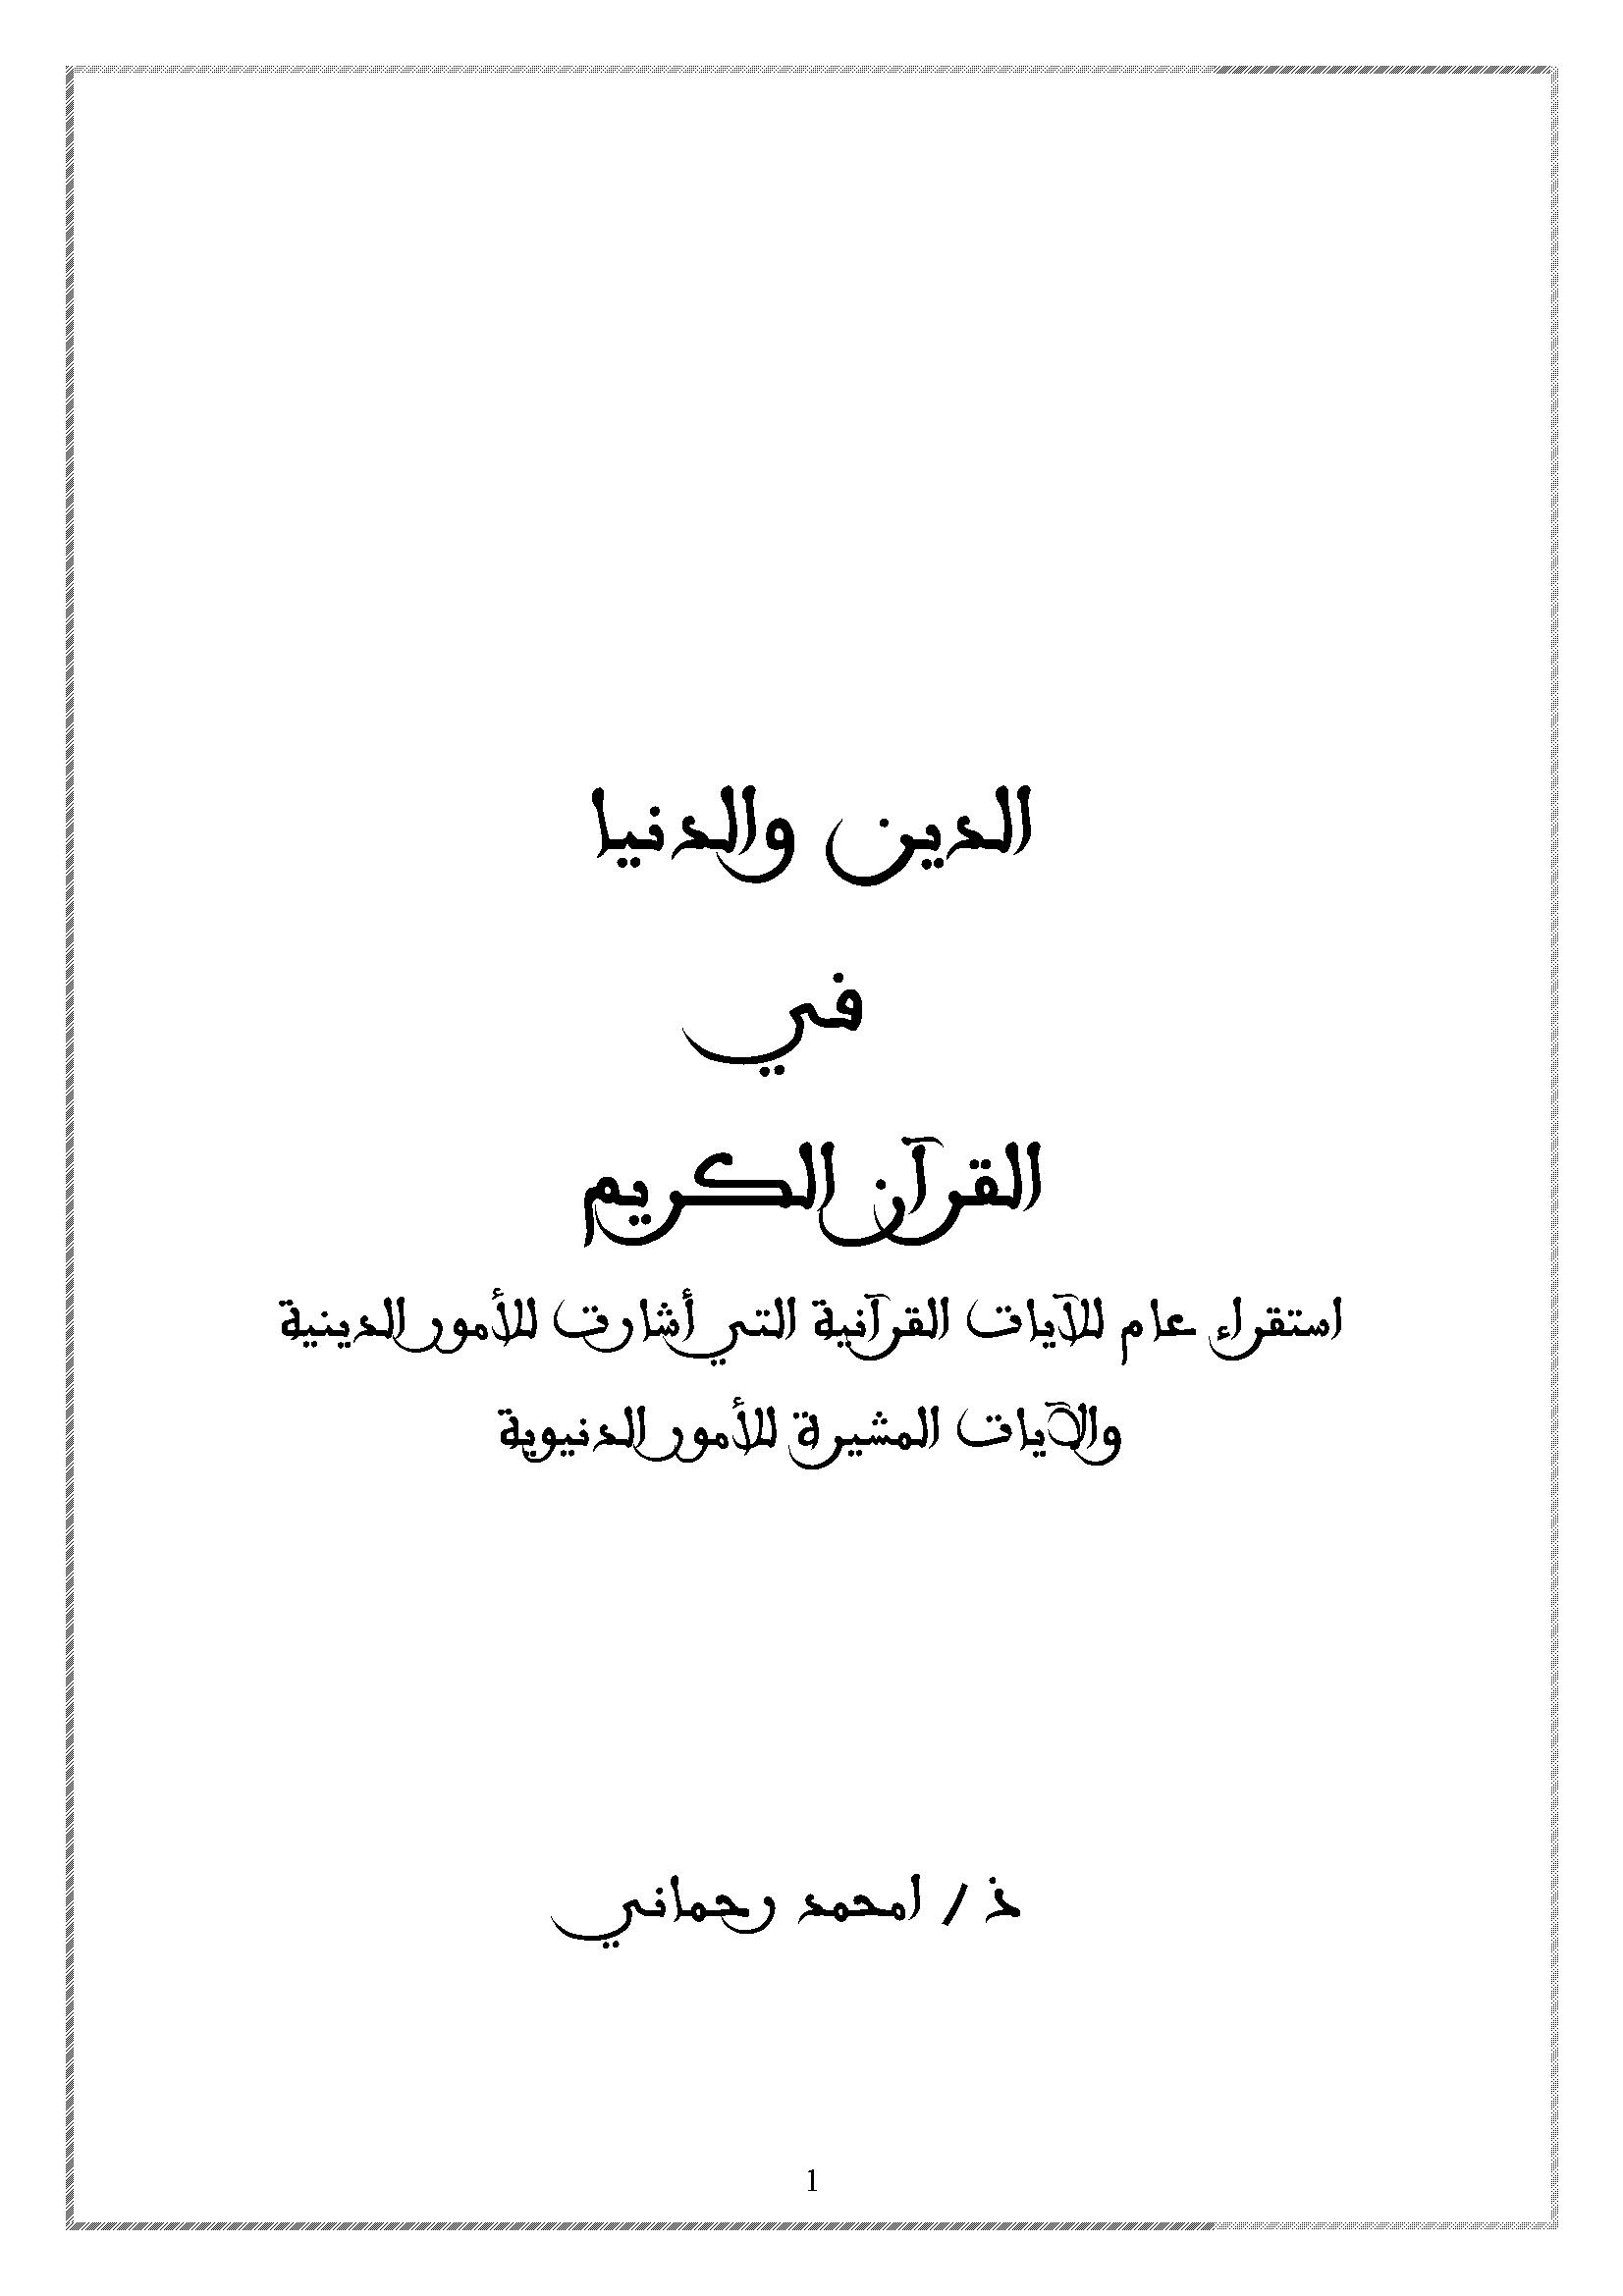 تحميل كتاب الدين والدنيا في القرآن الكريم لـِ: الأستاذ امحمد رحماني